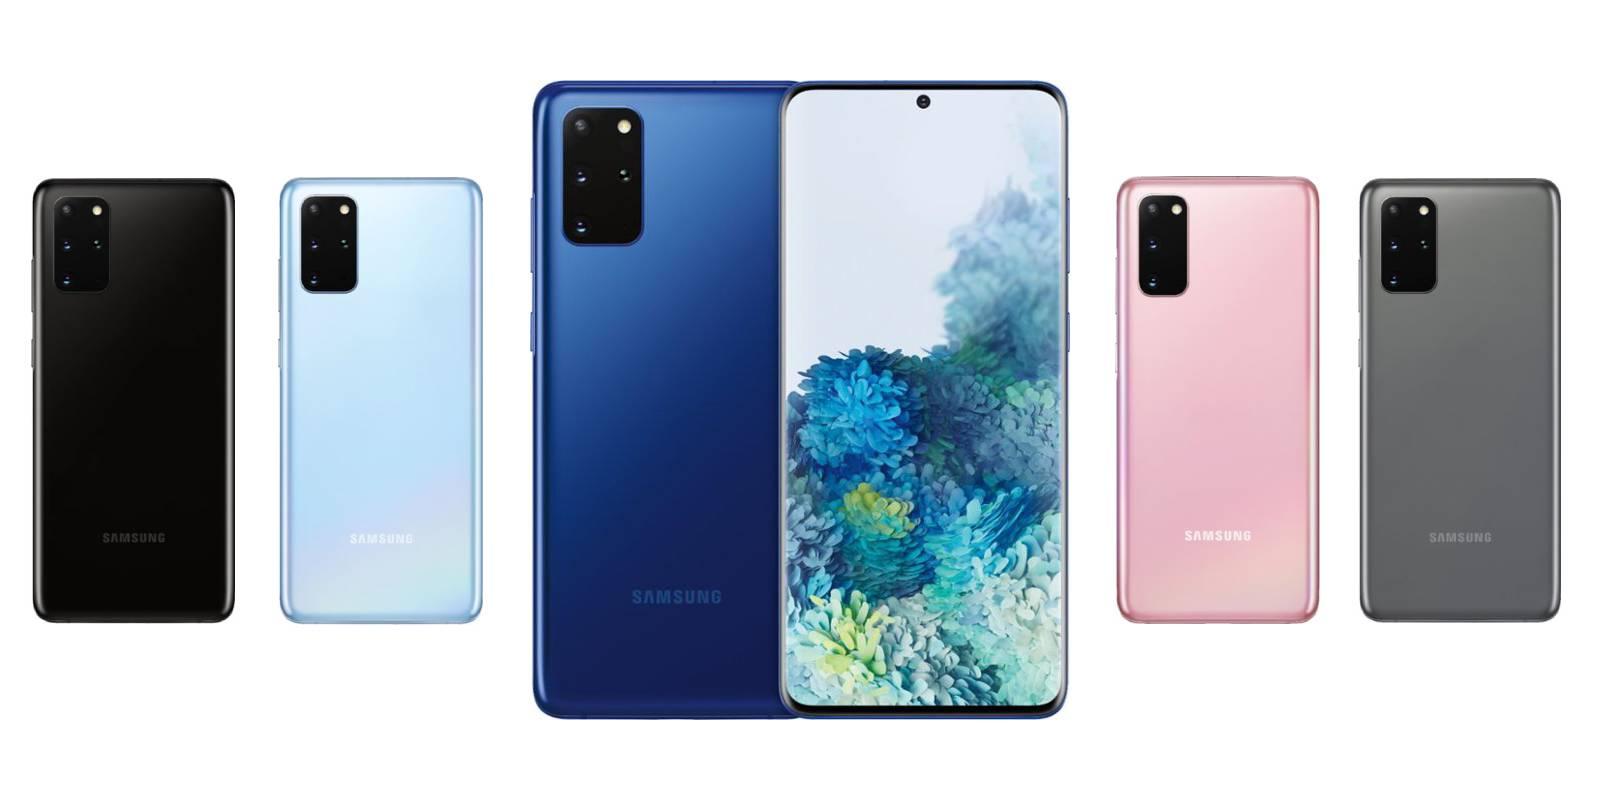 Bộ ba sắc màu cổ điển của Samsung S20 Ultra